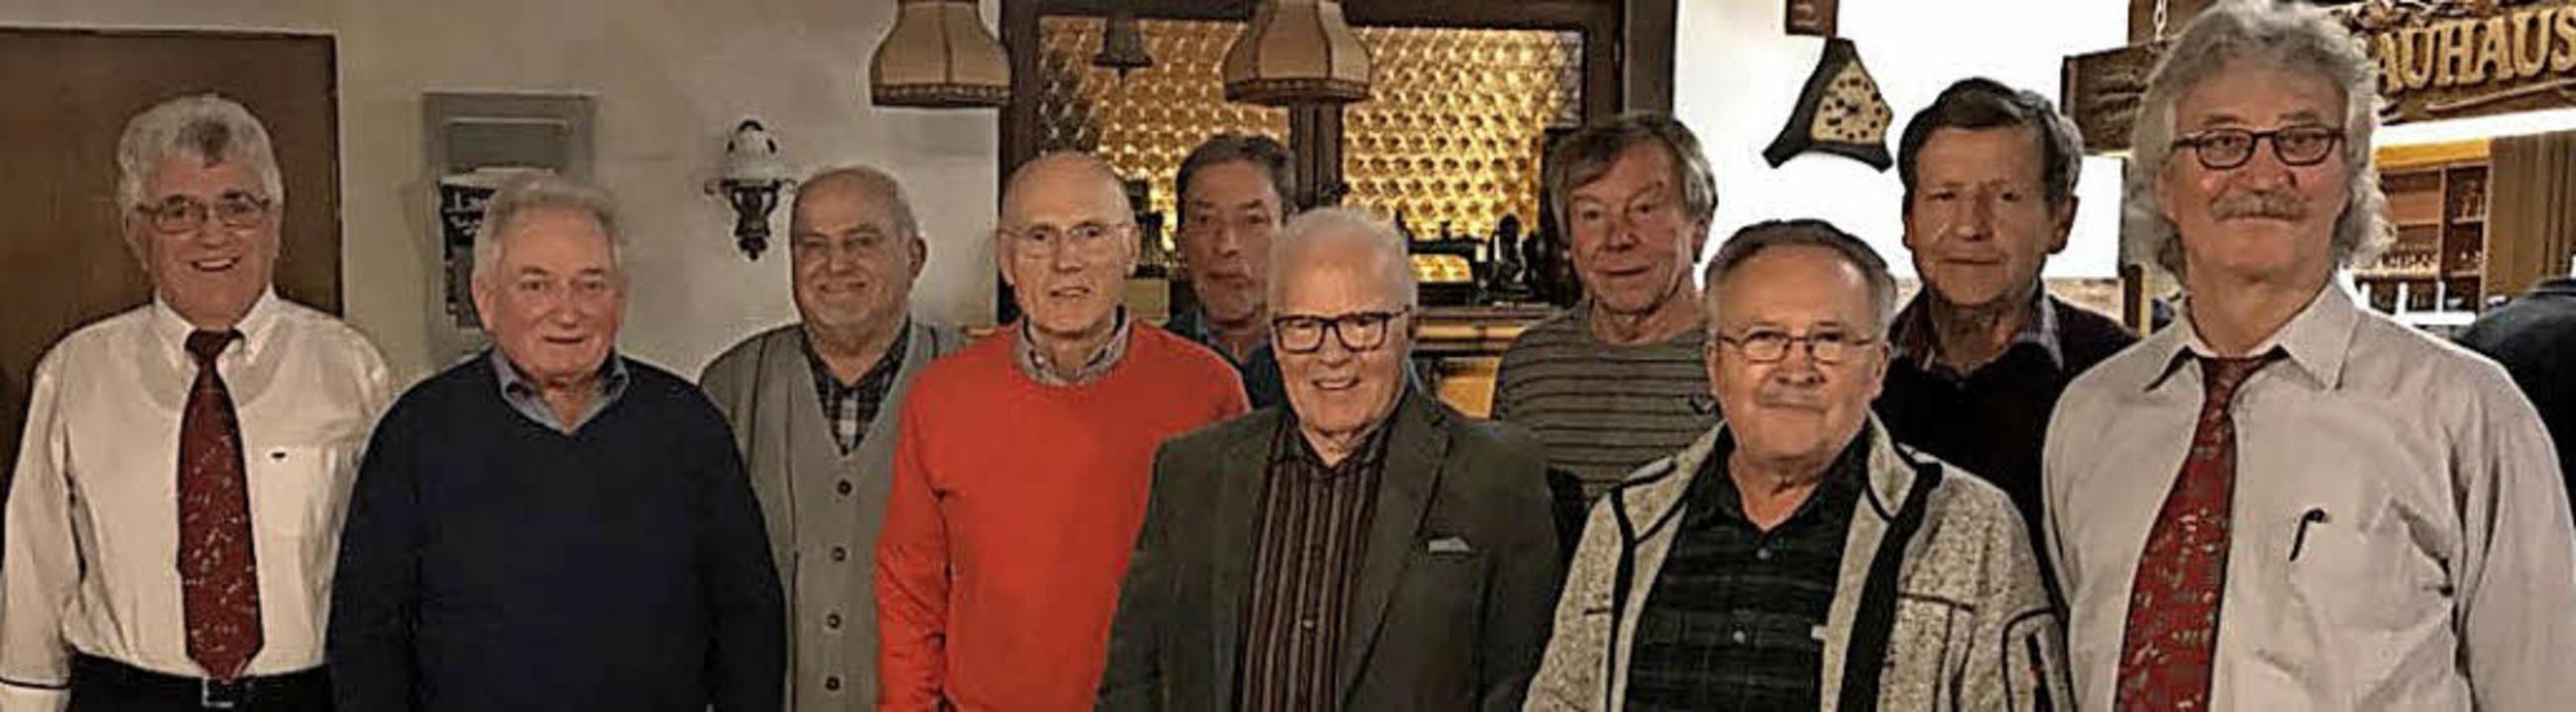 Gleich mehrere treue Mitglieder konnte...rd Bürkelbach und Hubert Lindenmeier.   | Foto: Verein